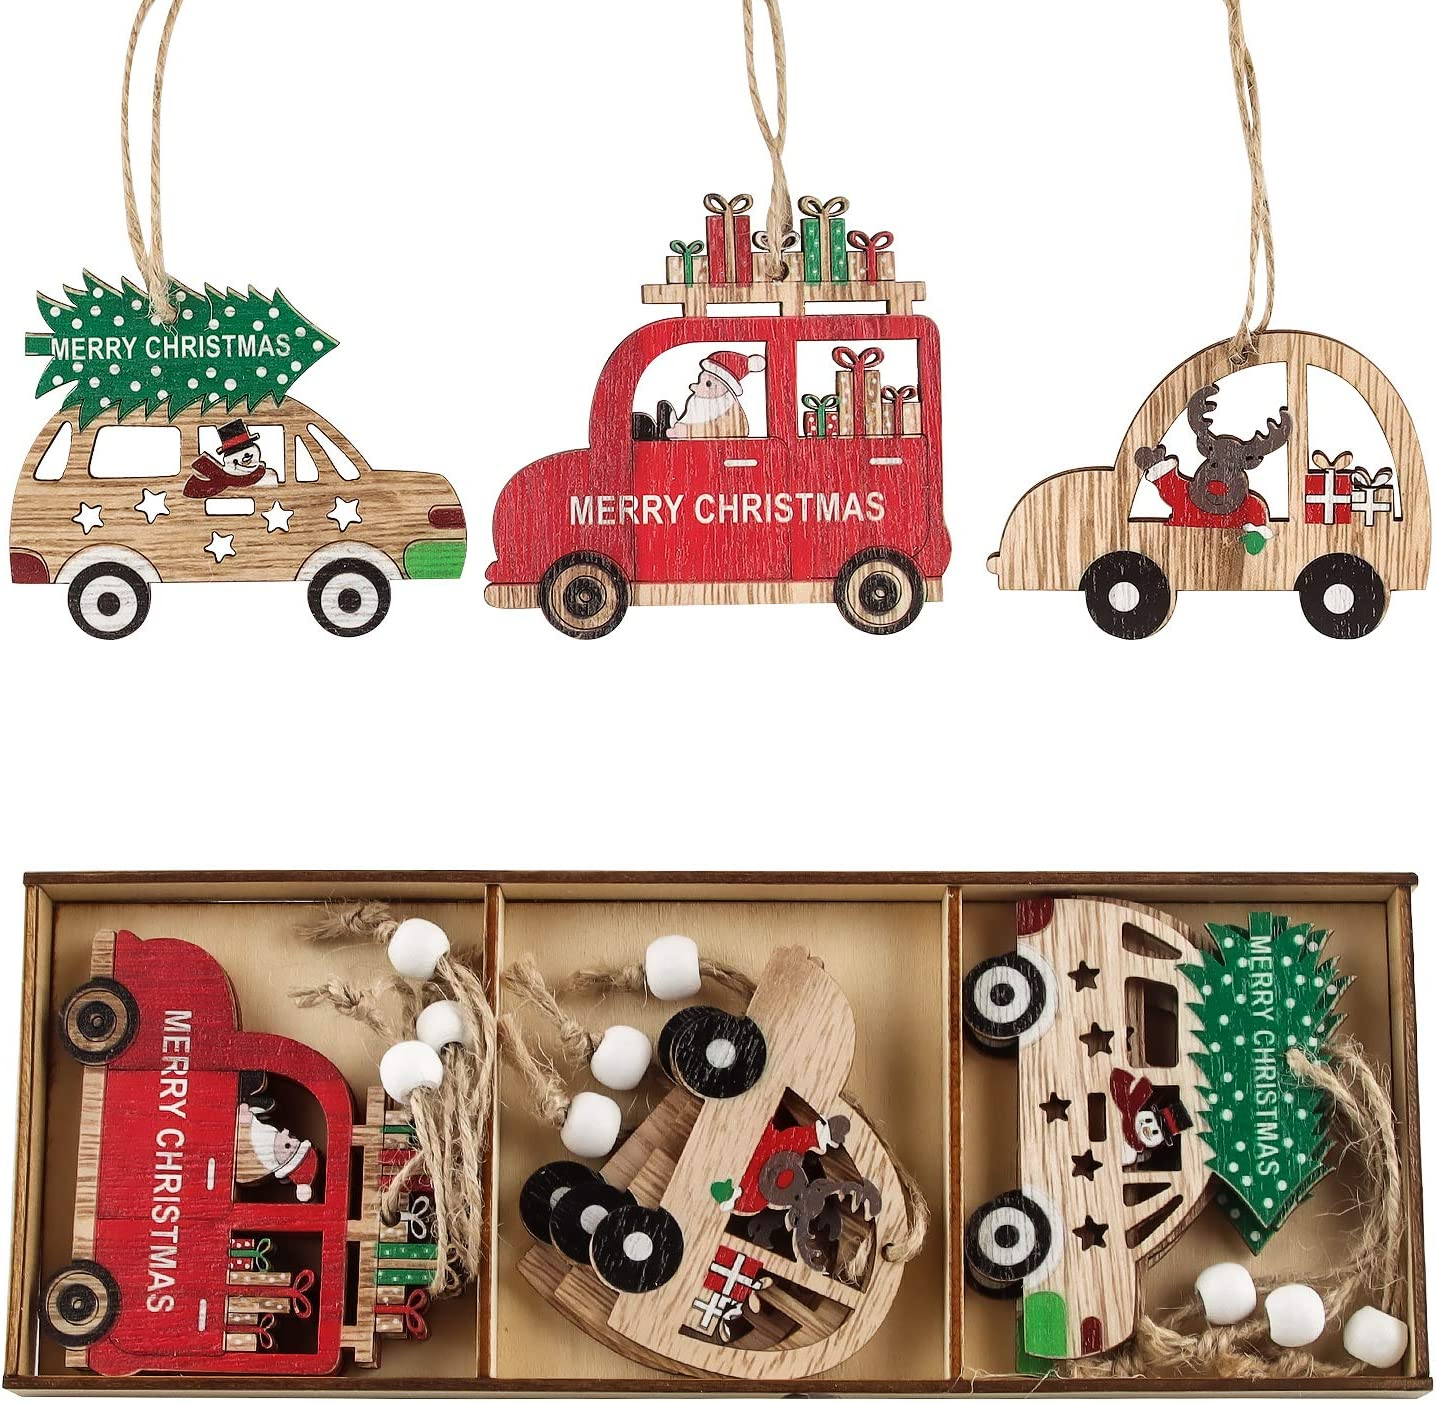 EKKONG Colgantes de Madera para Navidad, Navideños de Madera, Adornos Madera Navideños de Arbol Navidad, Muchos Patrones Diferentes, con Cajas de Almacenamiento y eslingas, (MZ365 Modelo de Auto)